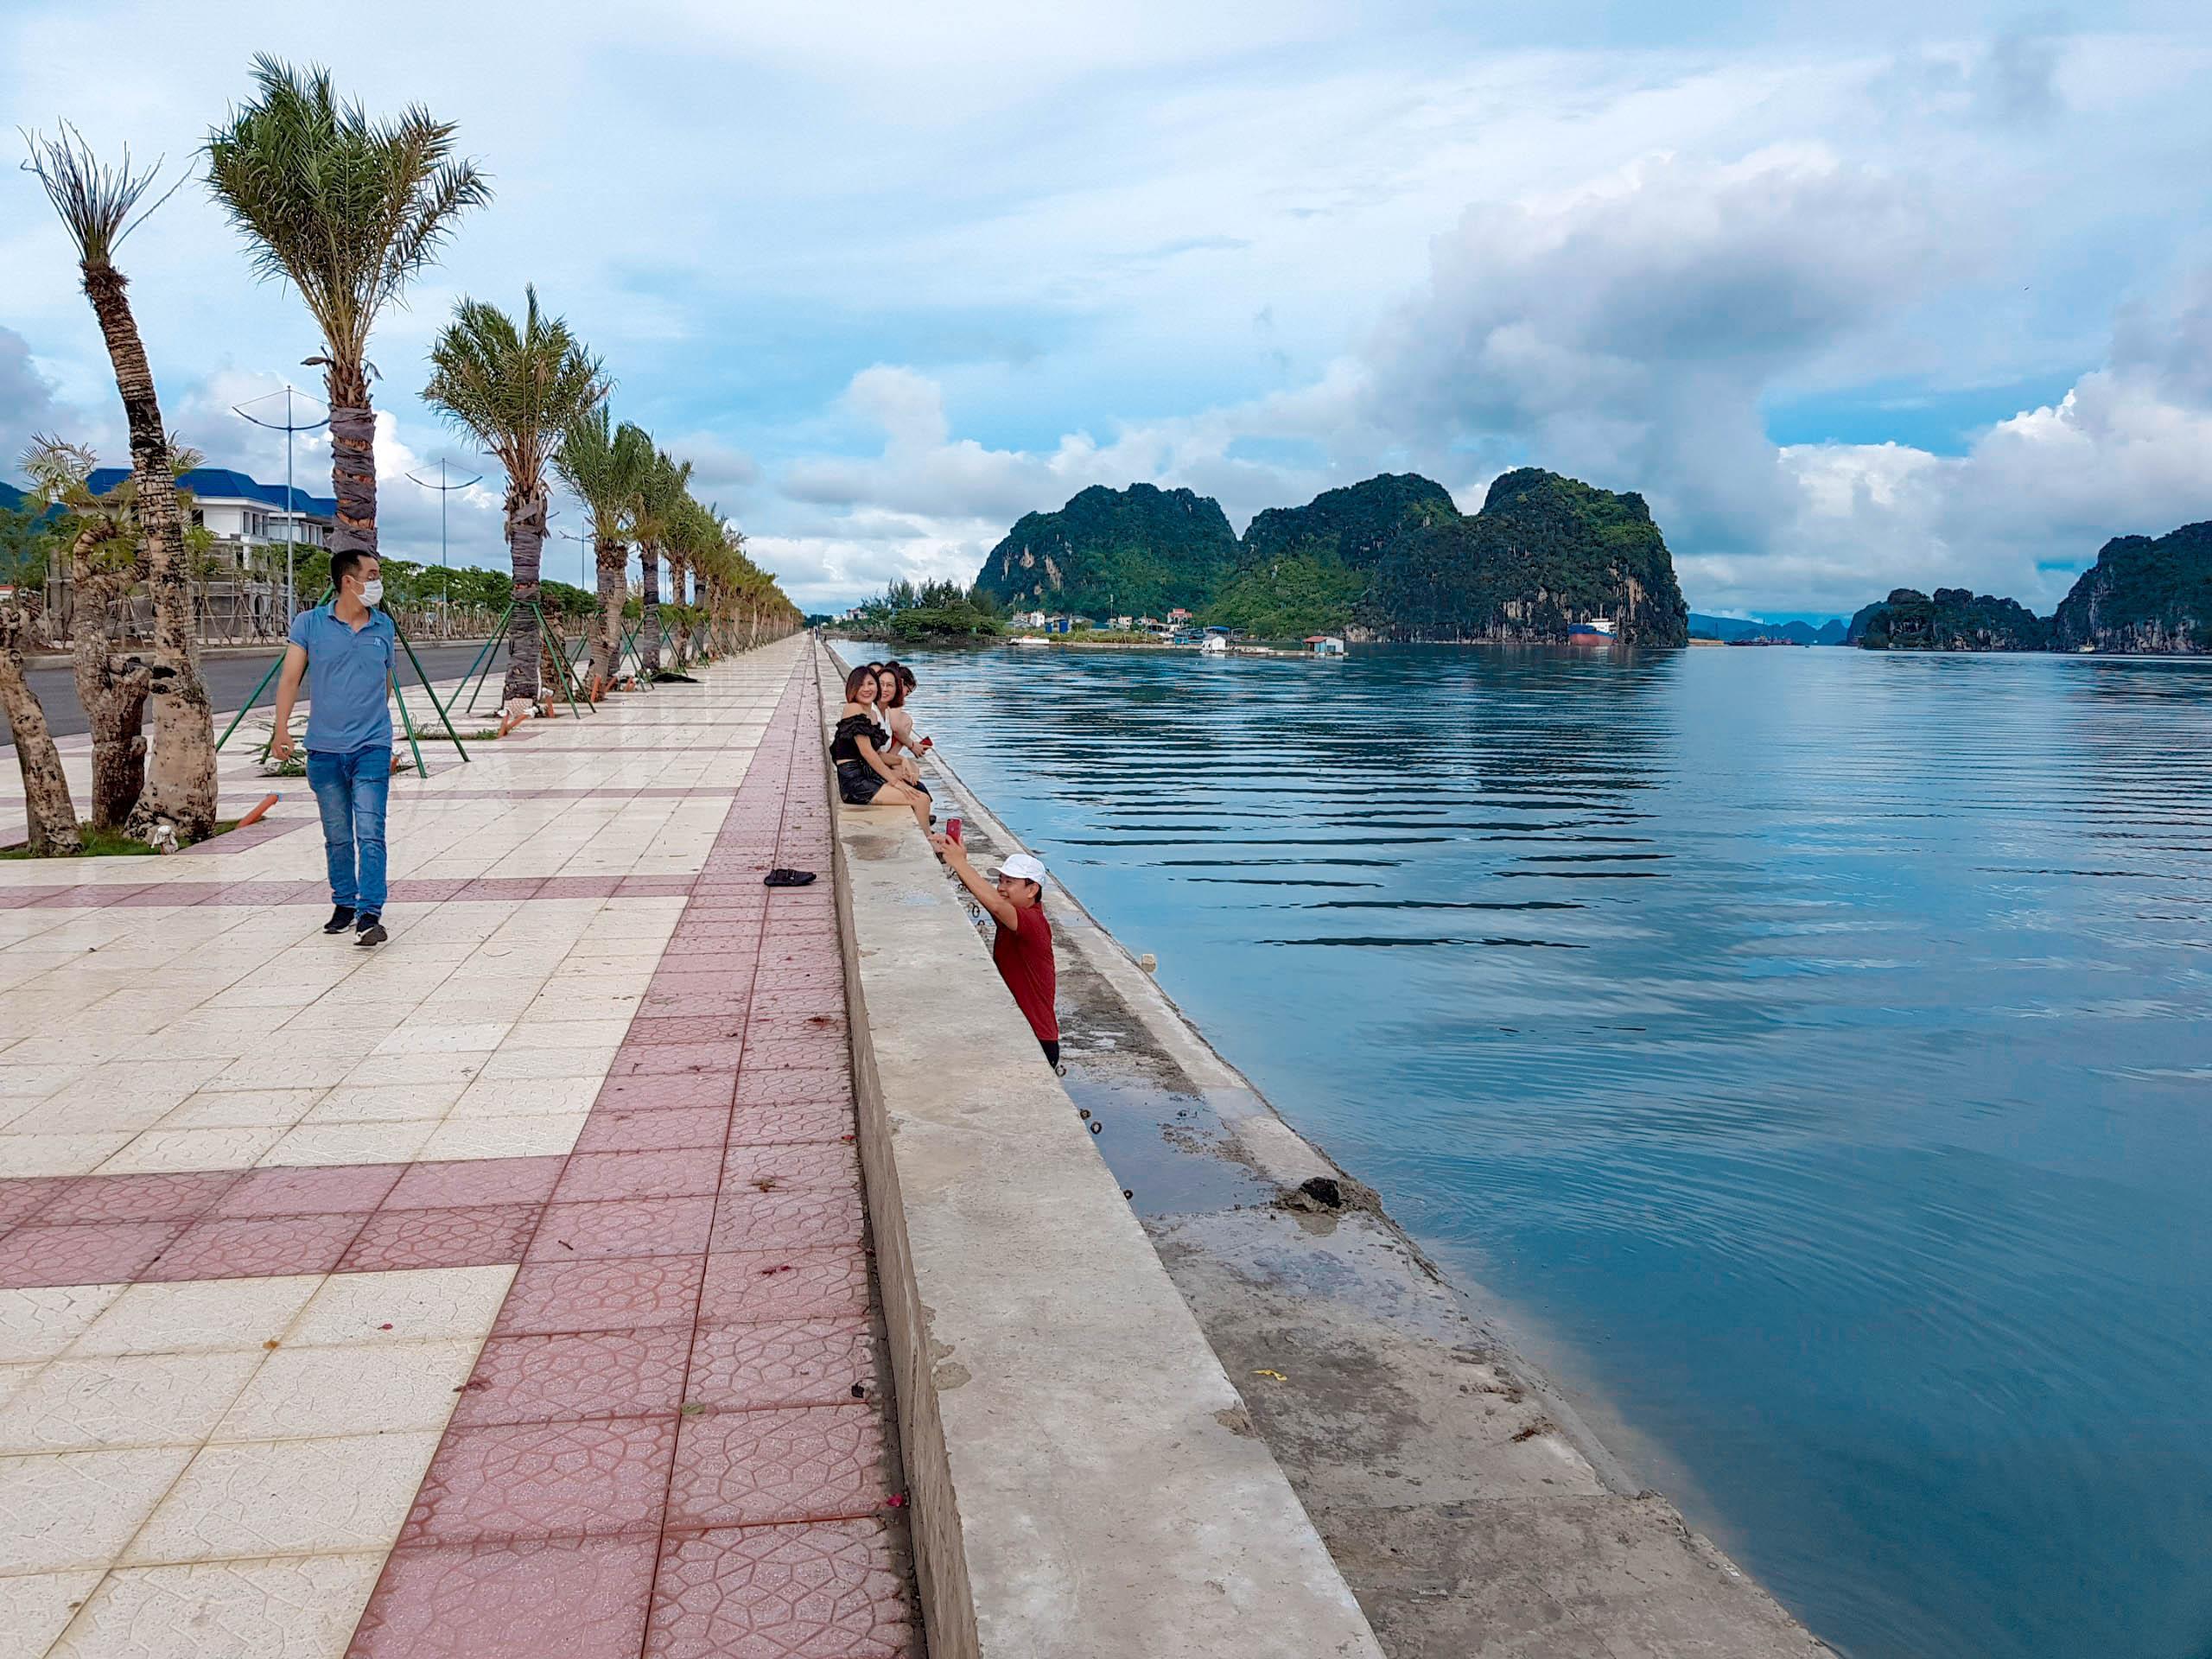 Vịnh đẹp nhất thế giới - Bái Tử Long trong xanh như ngọc Dự án Green TTP Cẩm Phả